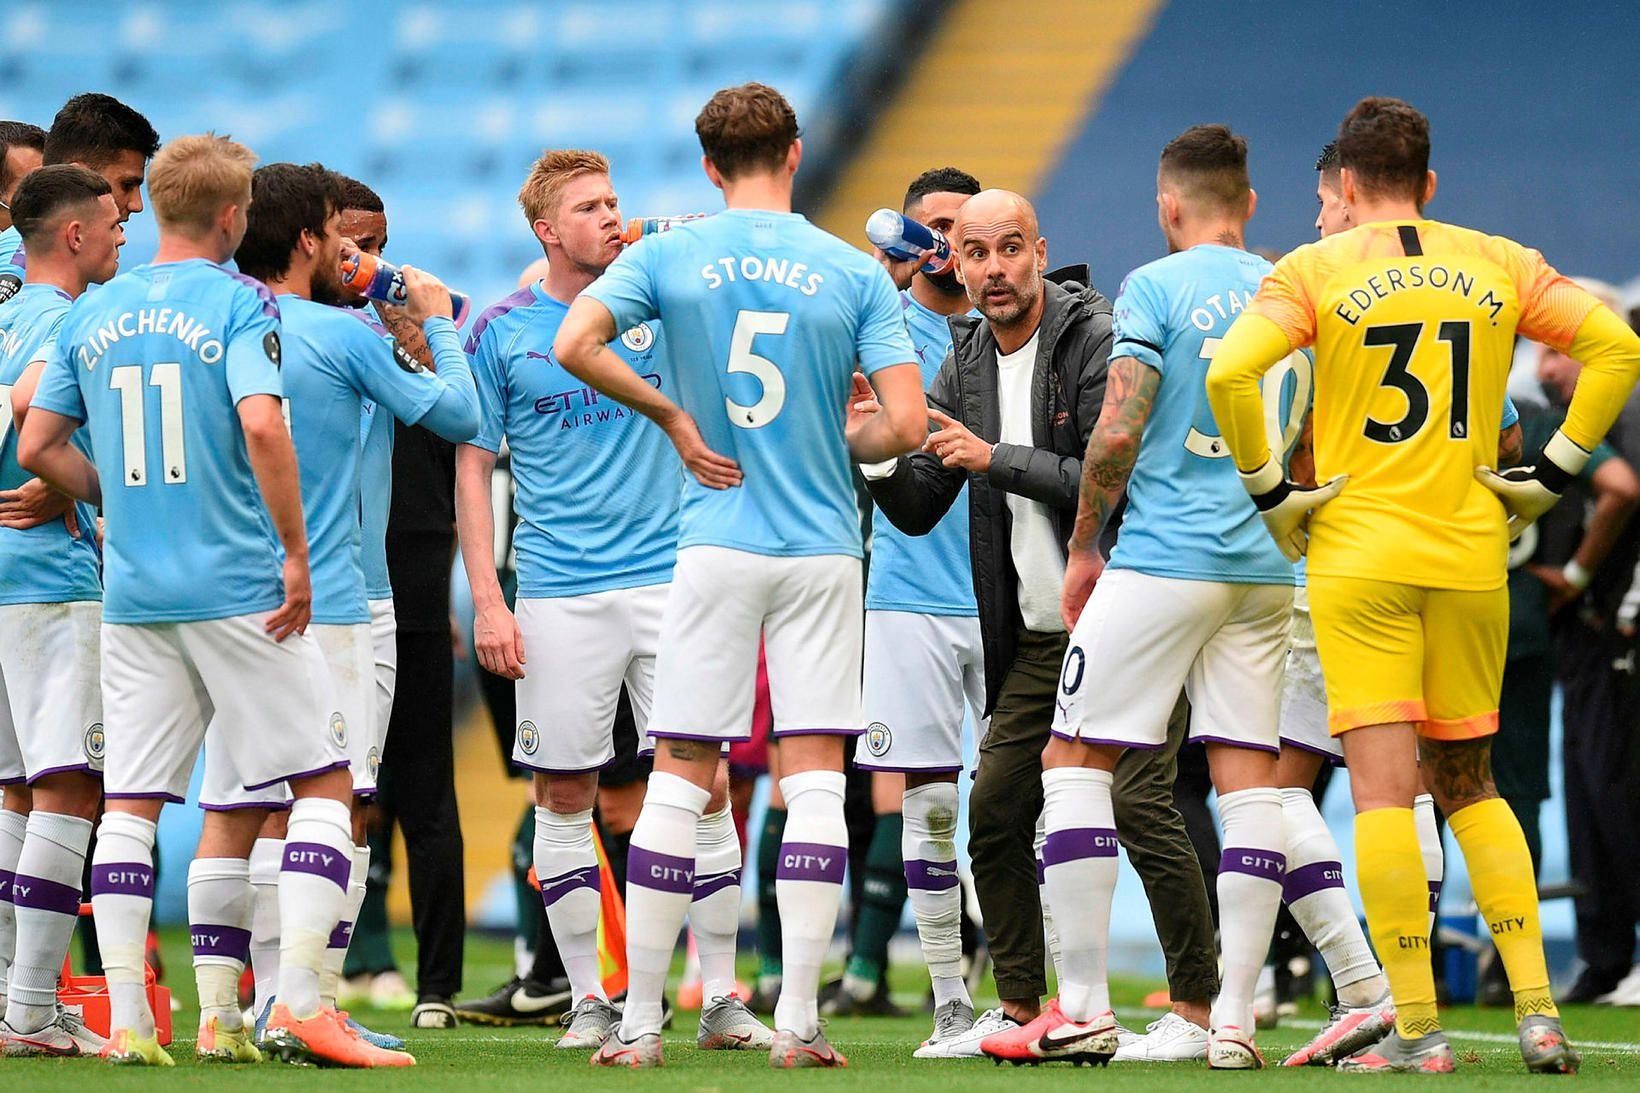 Manchester City hefur ekki byrjað tímabilið eins illa og nú …